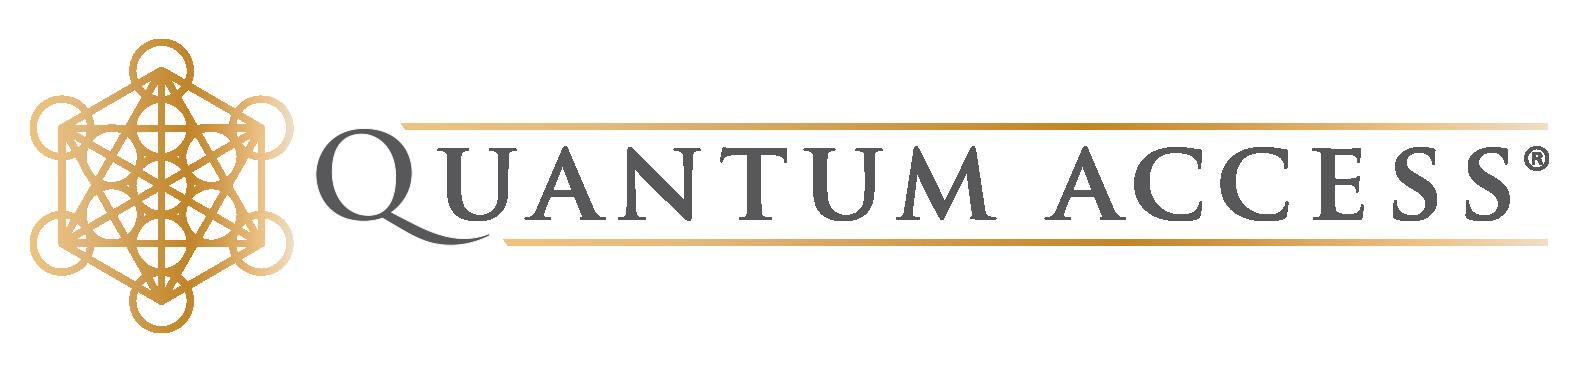 Quantum Access